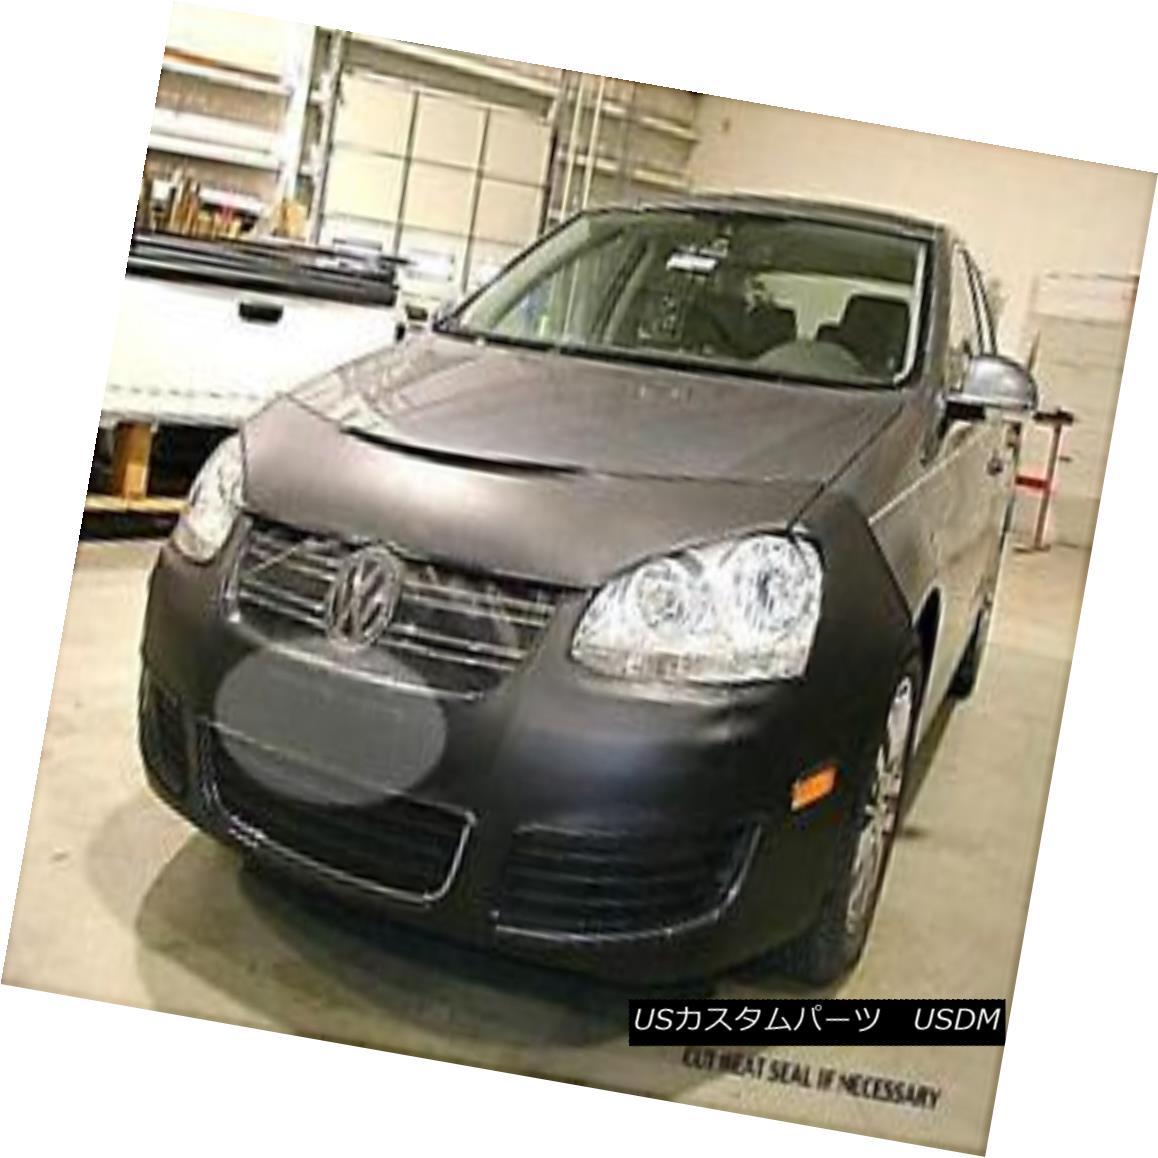 フルブラ ノーズブラ Lebra Front End Mask Cover Bra Fits VW Jetta 2005-2009 LebraフロントエンドマスクカバーブラはVW Jetta 2005-2009に適合